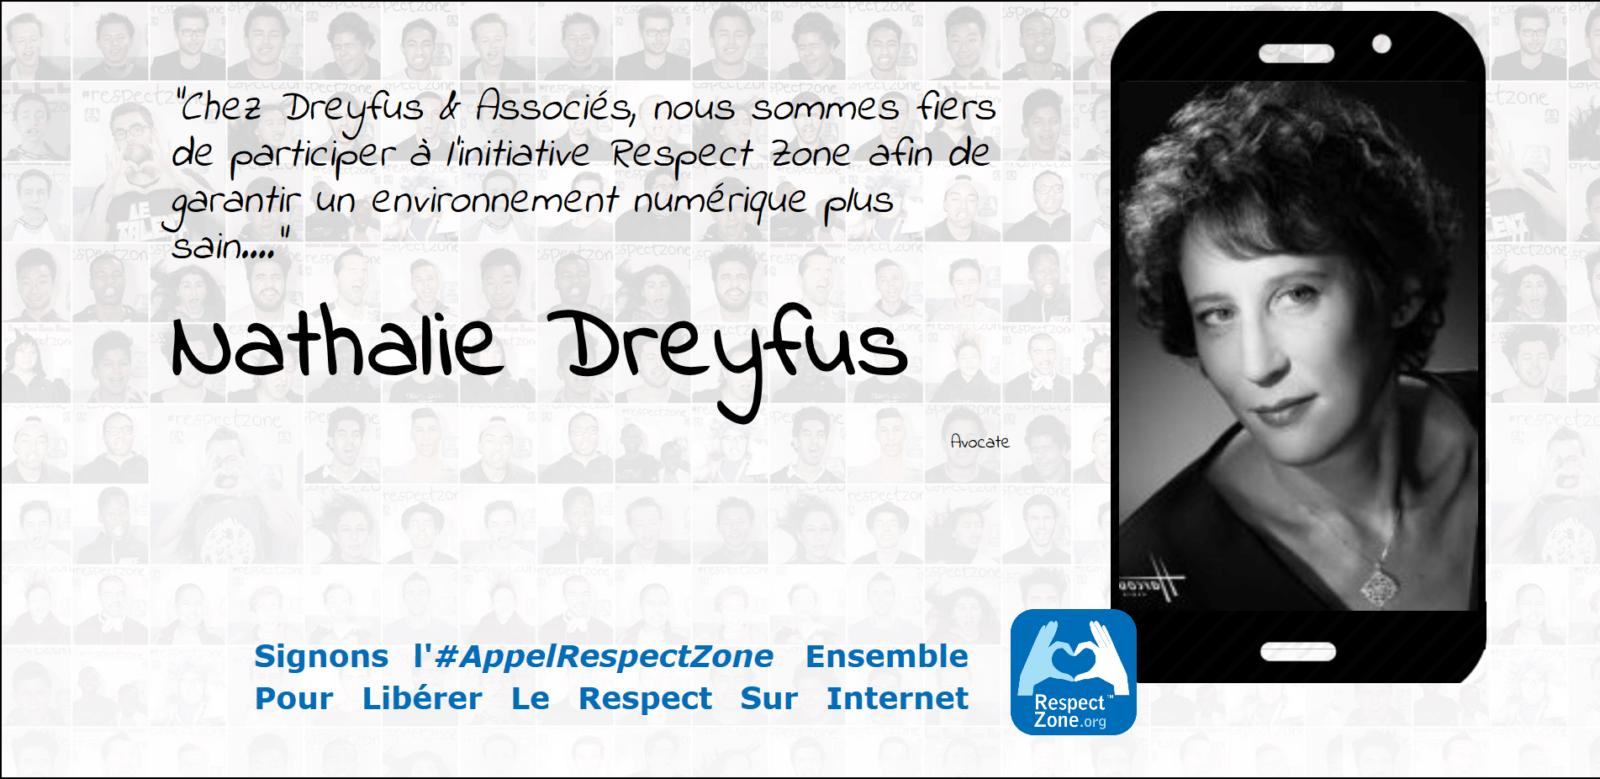 Nathalie Dreyfus